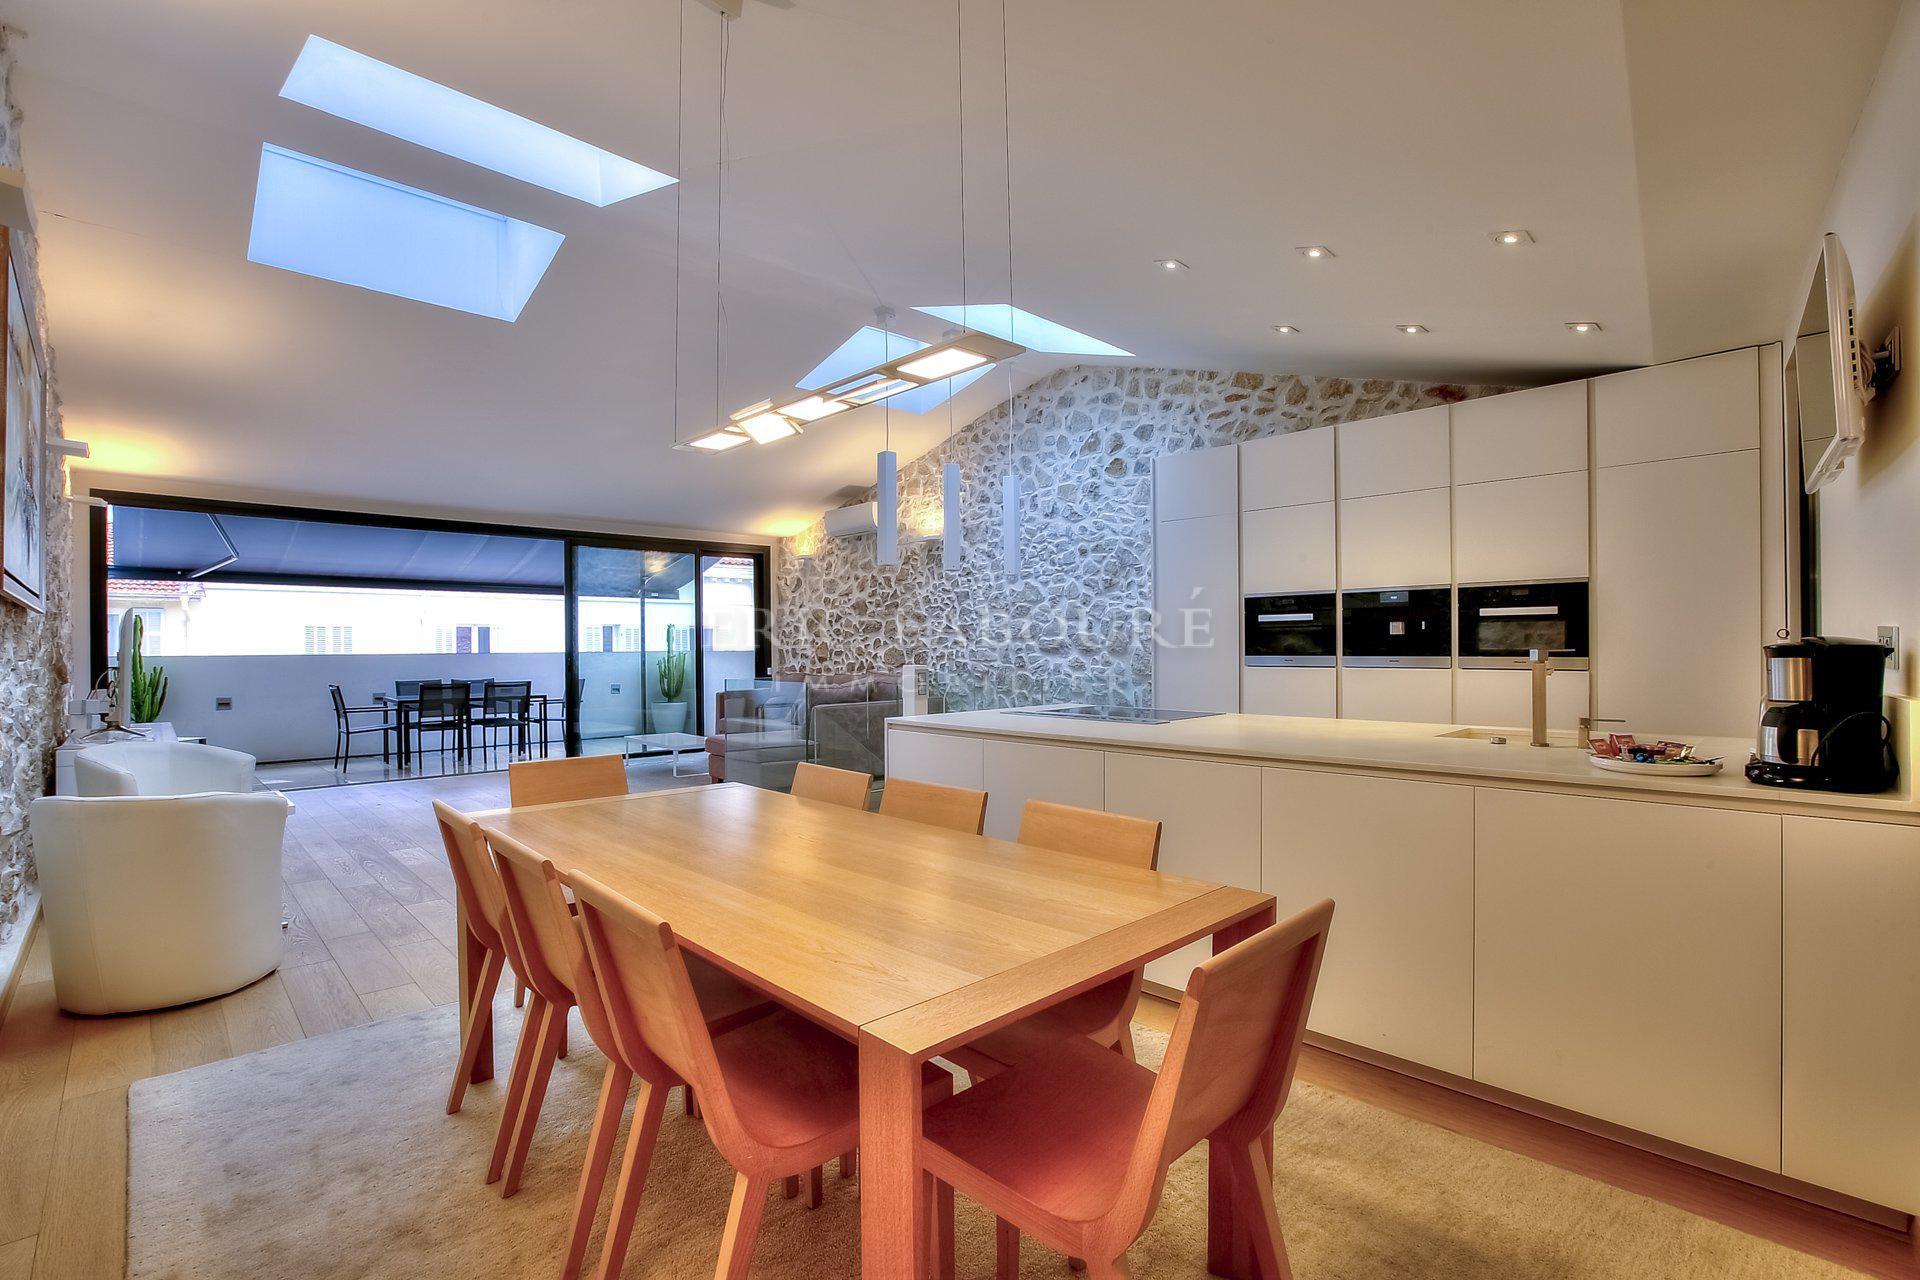 Fenêtre de toit, lumière naturelle, hauteur sous plafond